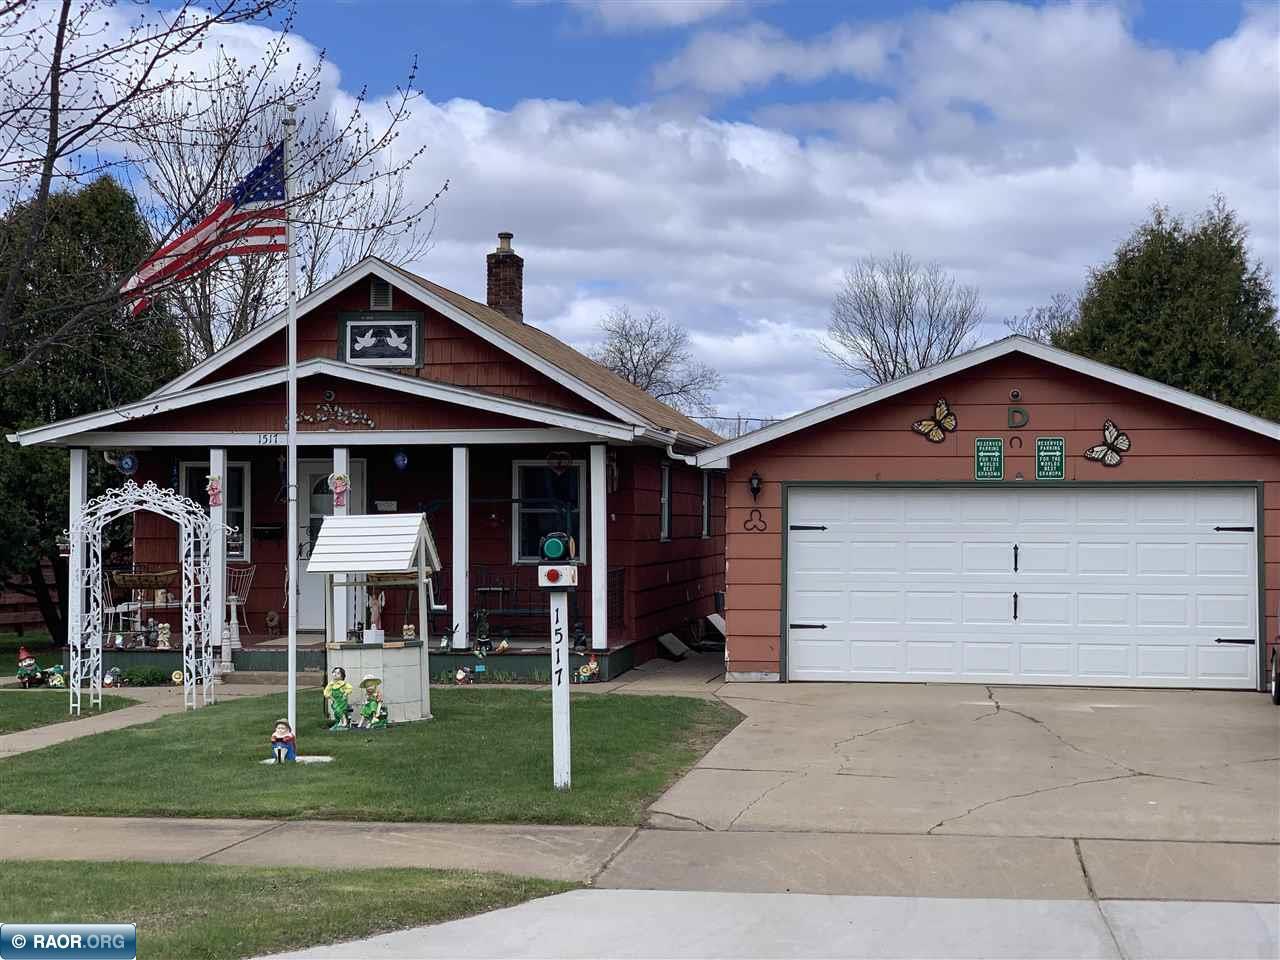 1517 E 15th Ave, Hibbing, MN 55746